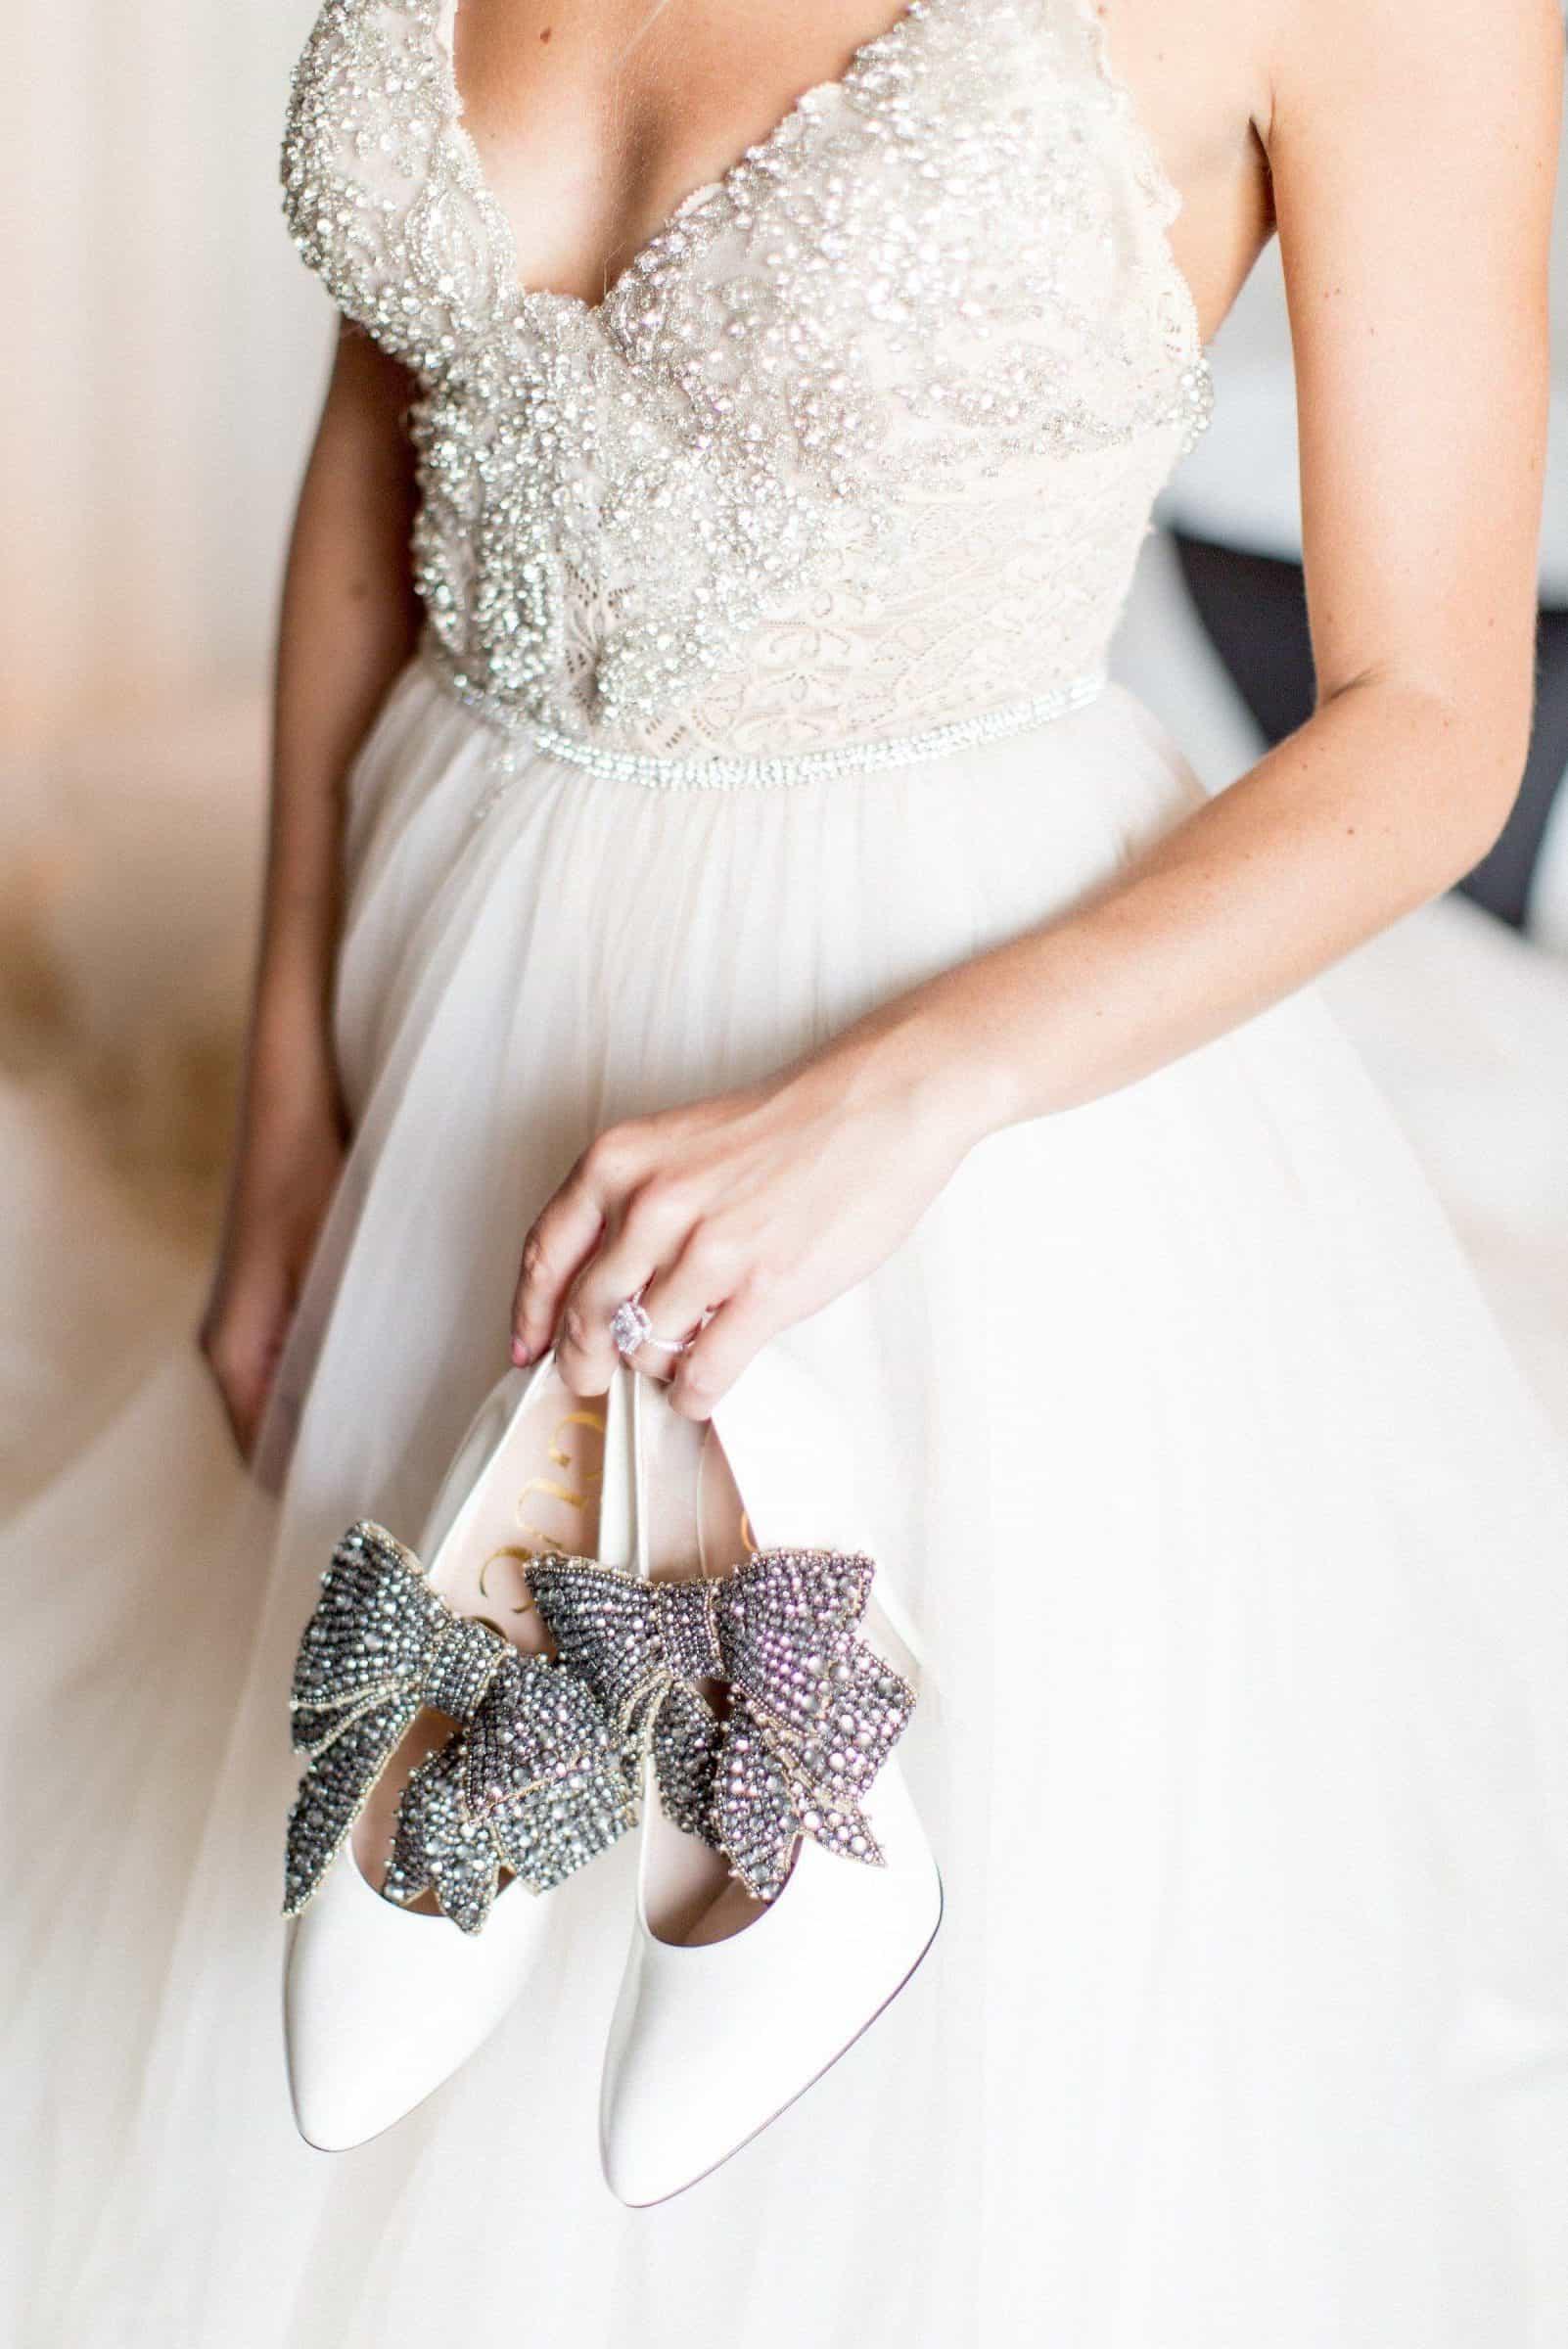 νύφη κρατάει νυφικά παπούτσια